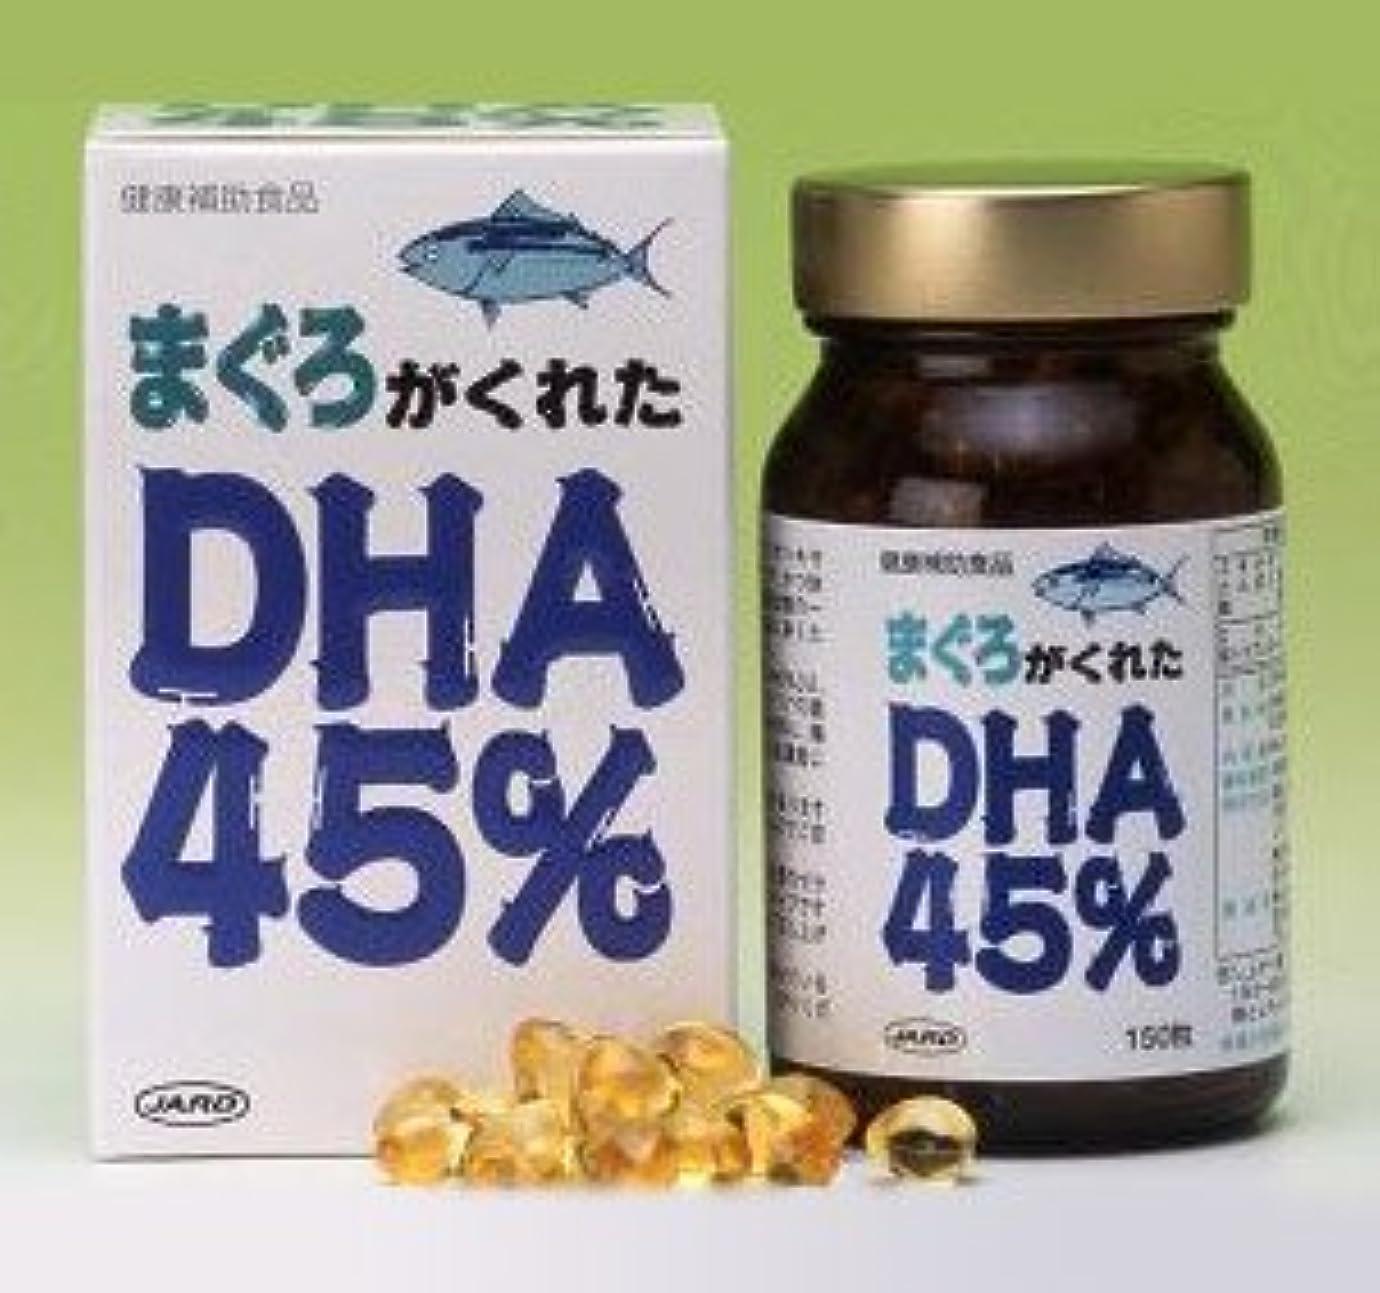 考える厳密に大洪水まぐろがくれたDHA45%(単品)ジャード